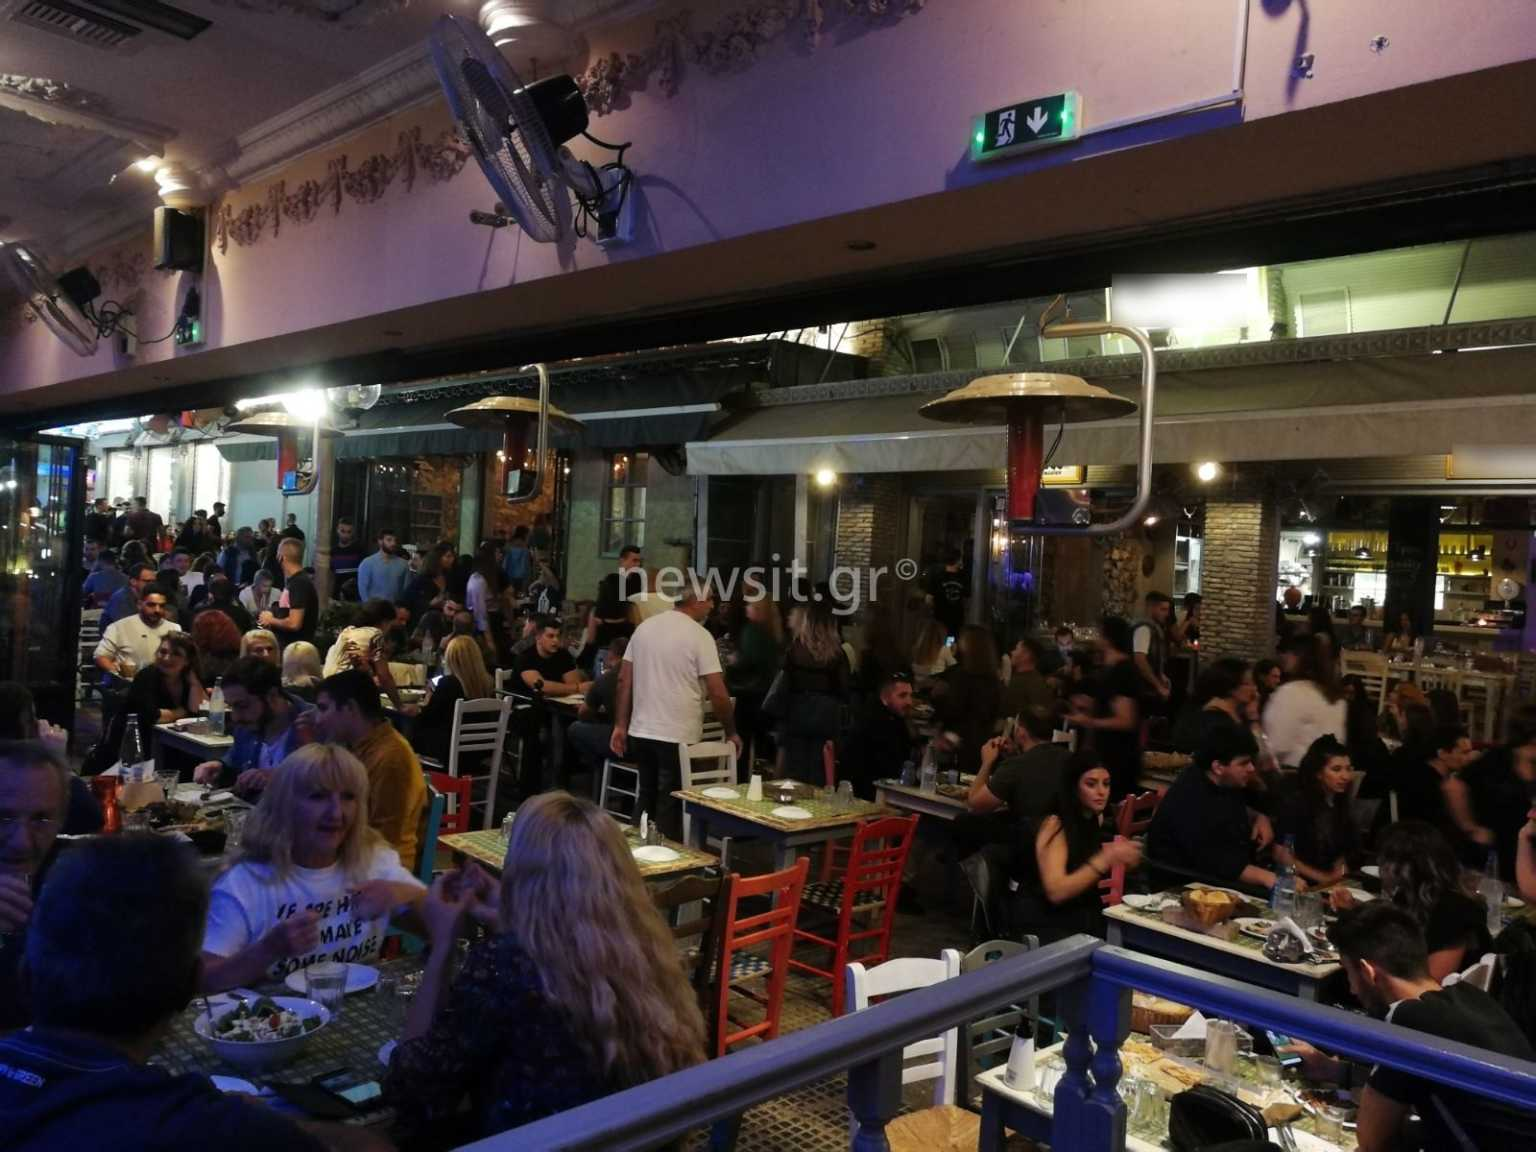 Κορονοϊός: Ποτό, διασκέδαση και… συνωστισμός στο Αιγάλεω – Ανησυχητικές εικόνες